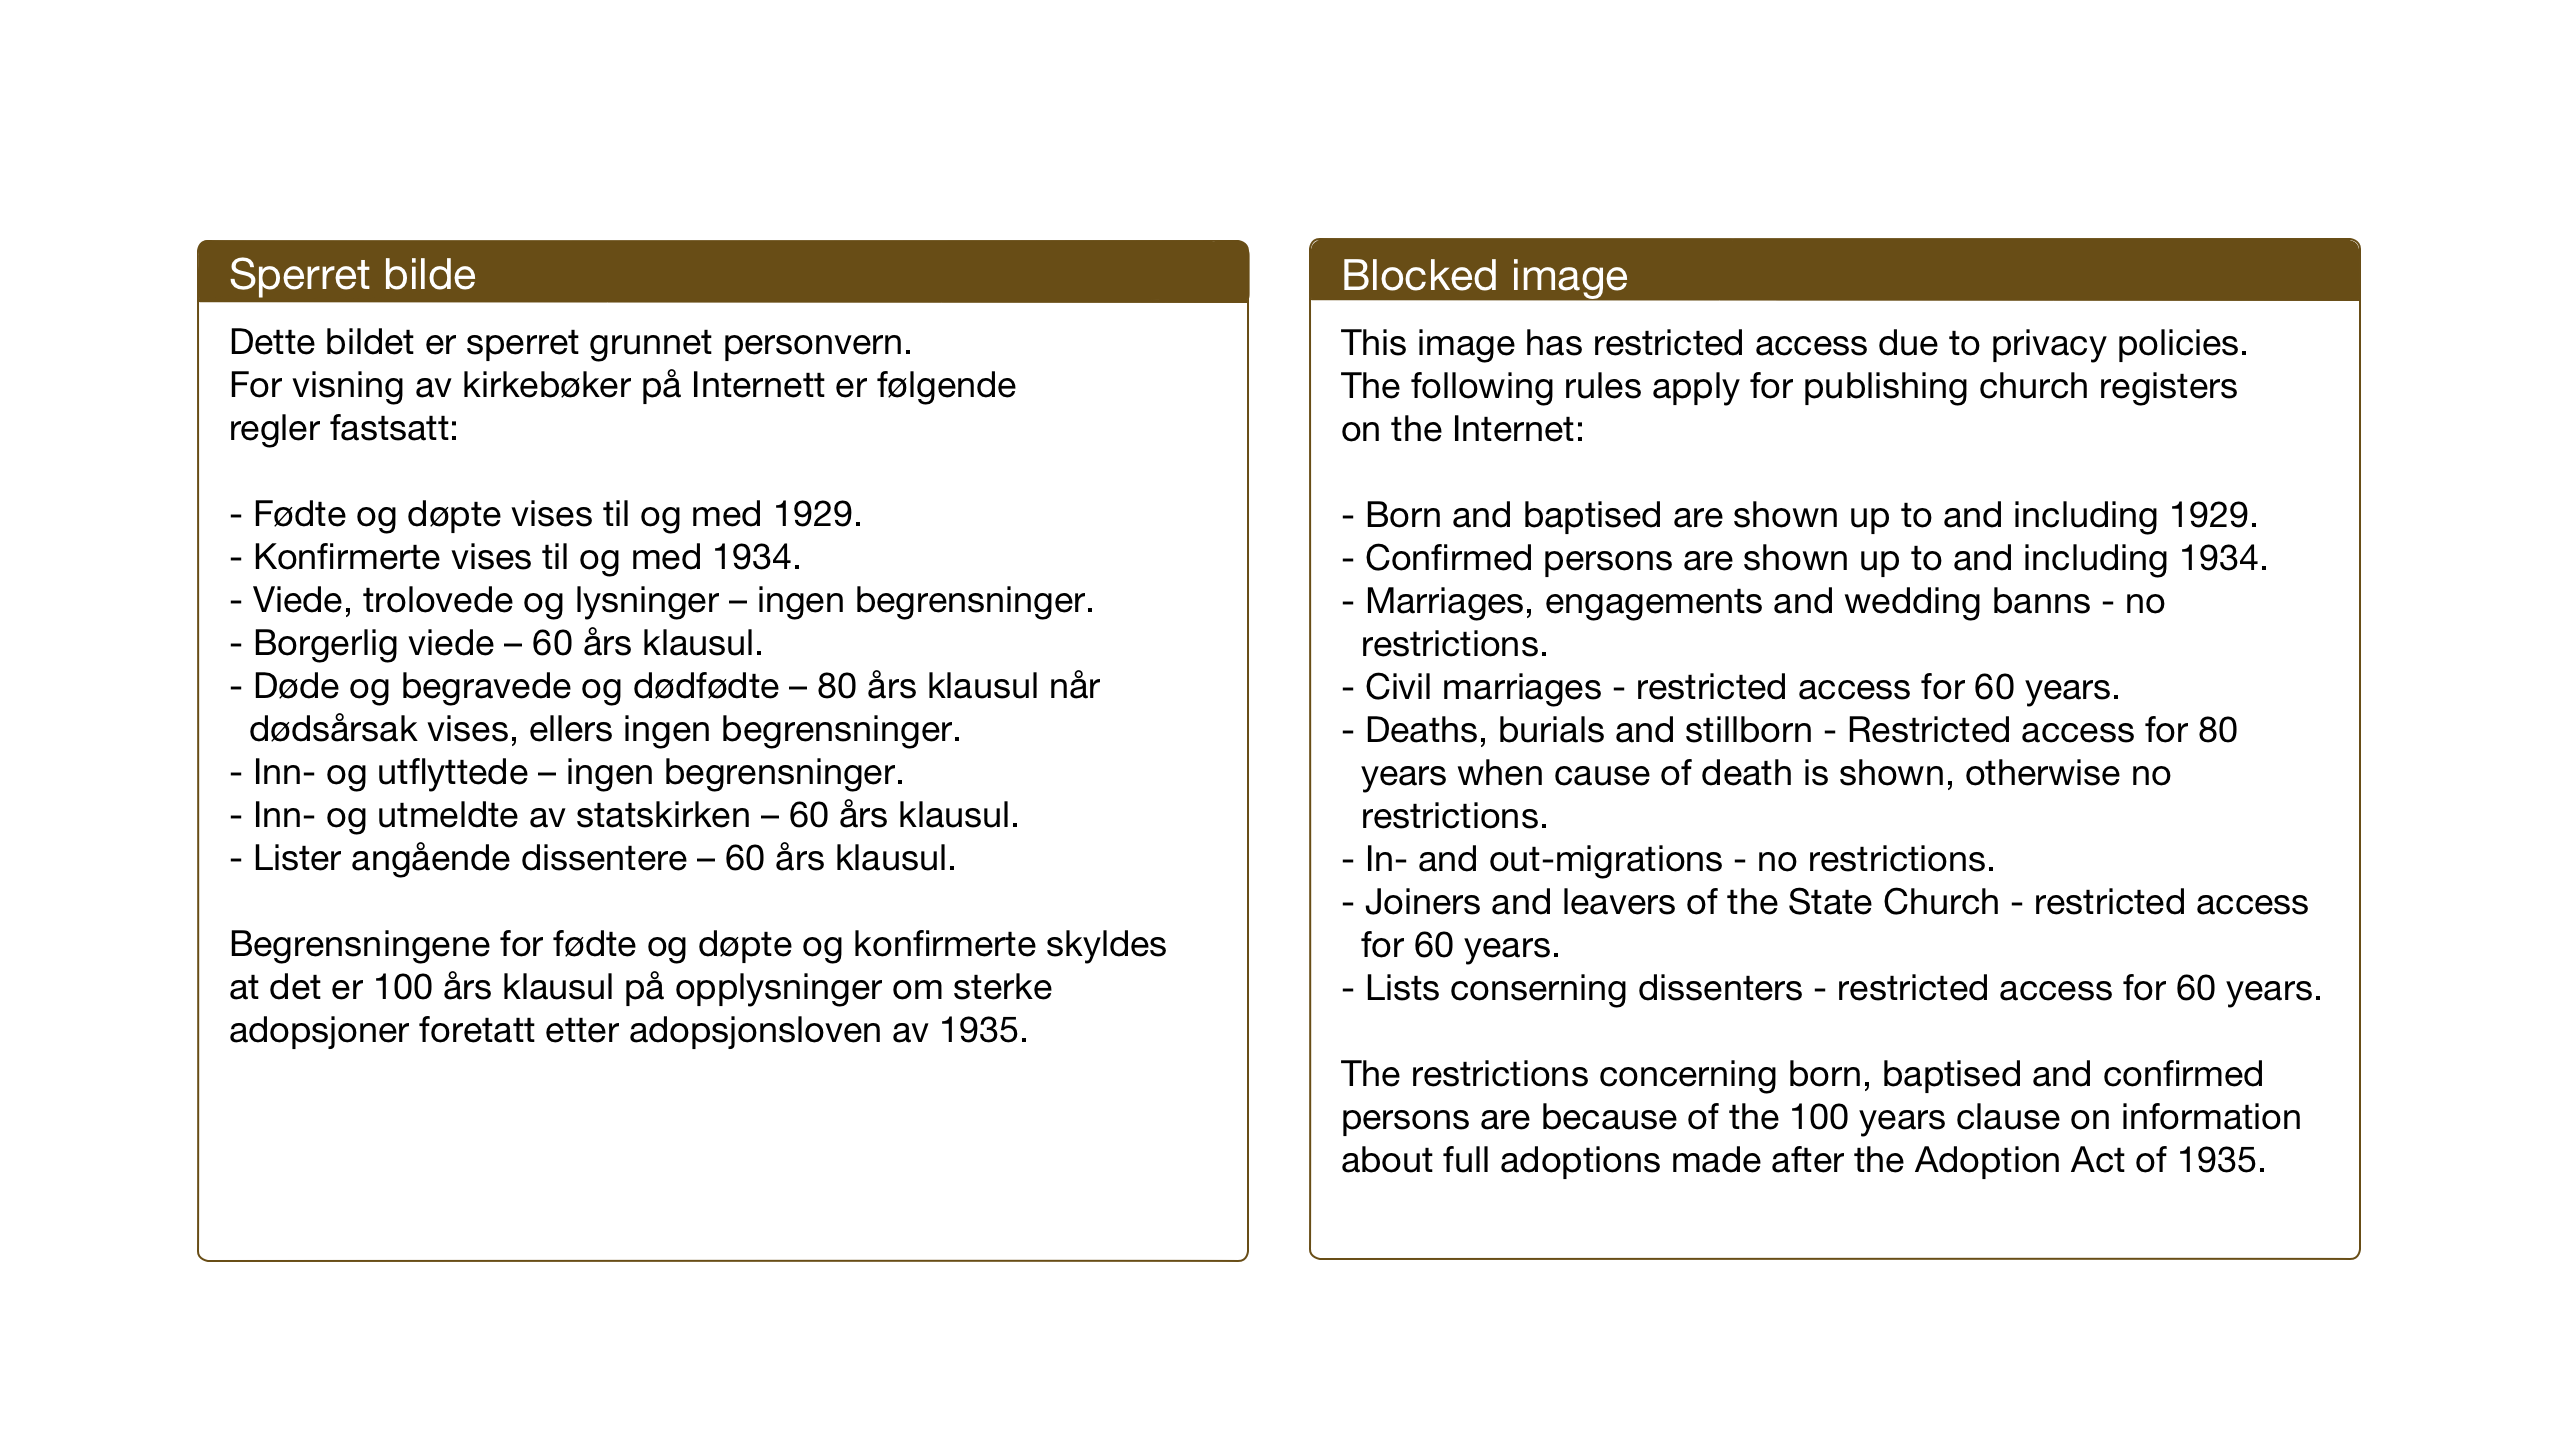 SAT, Ministerialprotokoller, klokkerbøker og fødselsregistre - Sør-Trøndelag, 608/L0343: Klokkerbok nr. 608C09, 1938-1952, s. 62